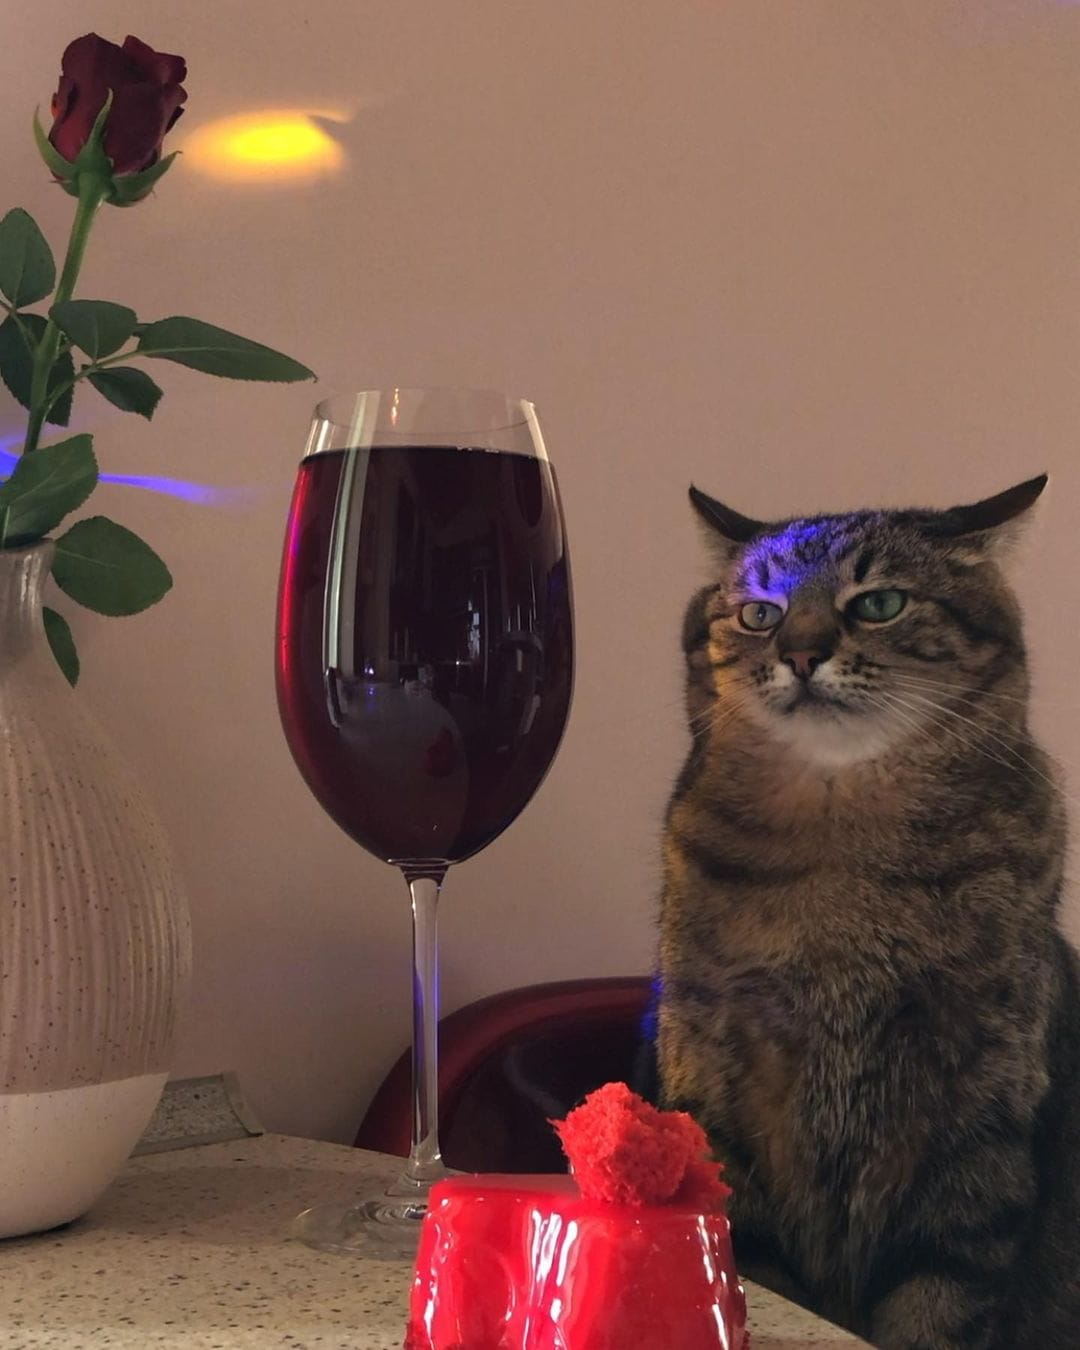 Кот Степан грустит под музыку и глядит на коктейль. И он уже стал символом всех тех, кто скучает на вечеринках